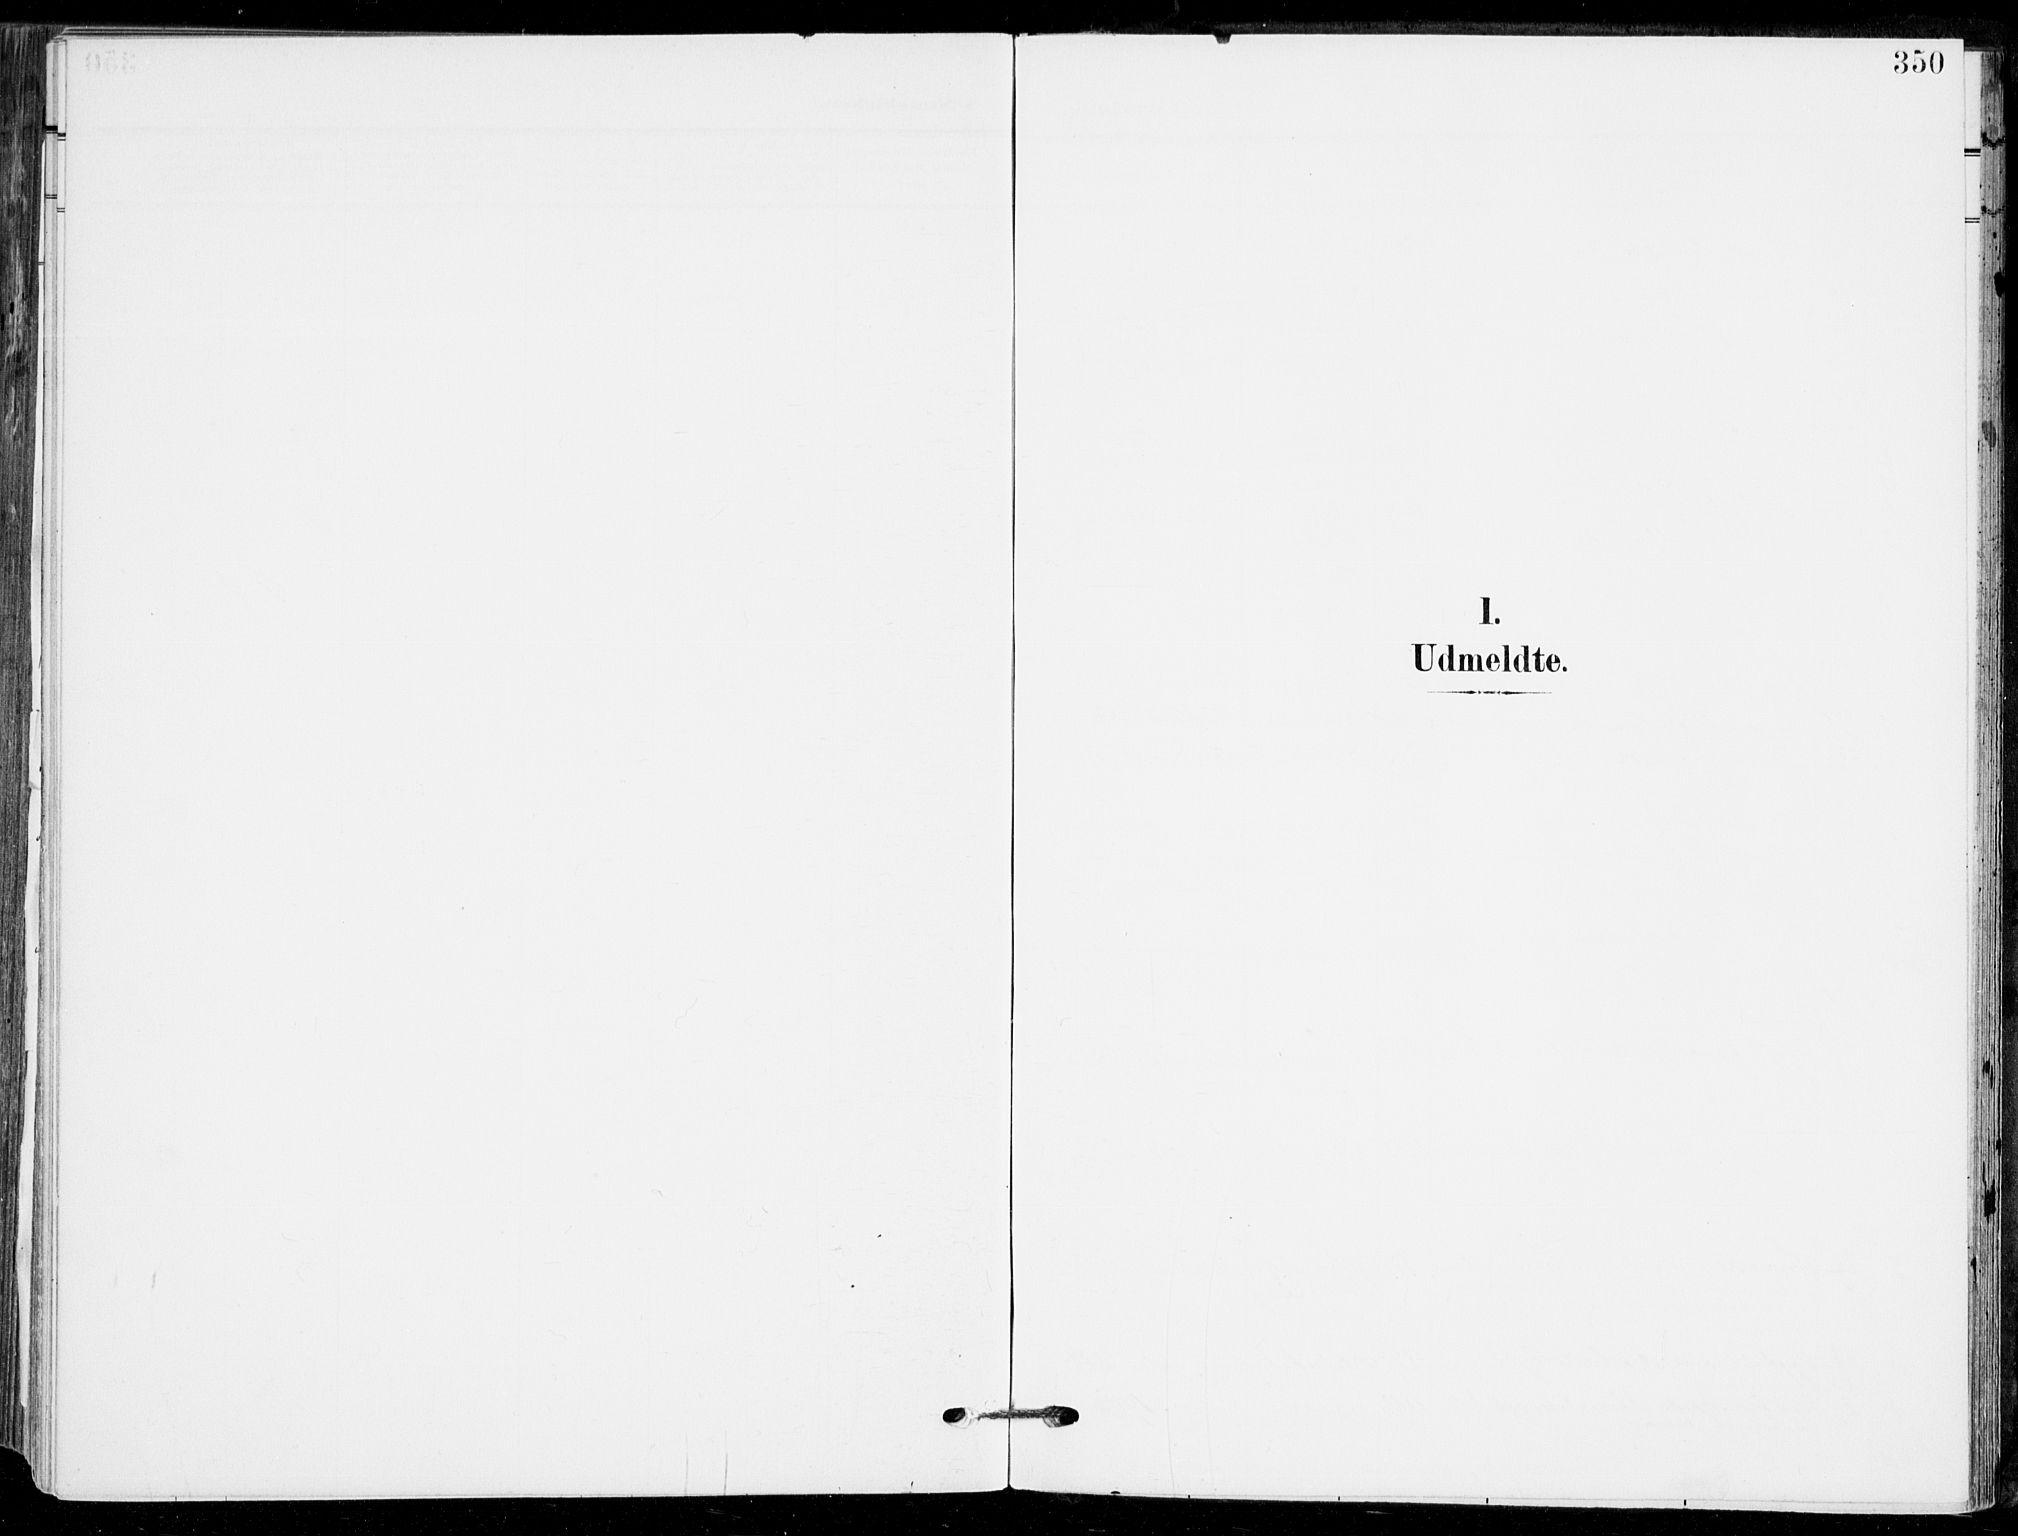 SAKO, Sande Kirkebøker, F/Fa/L0008: Ministerialbok nr. 8, 1904-1921, s. 350